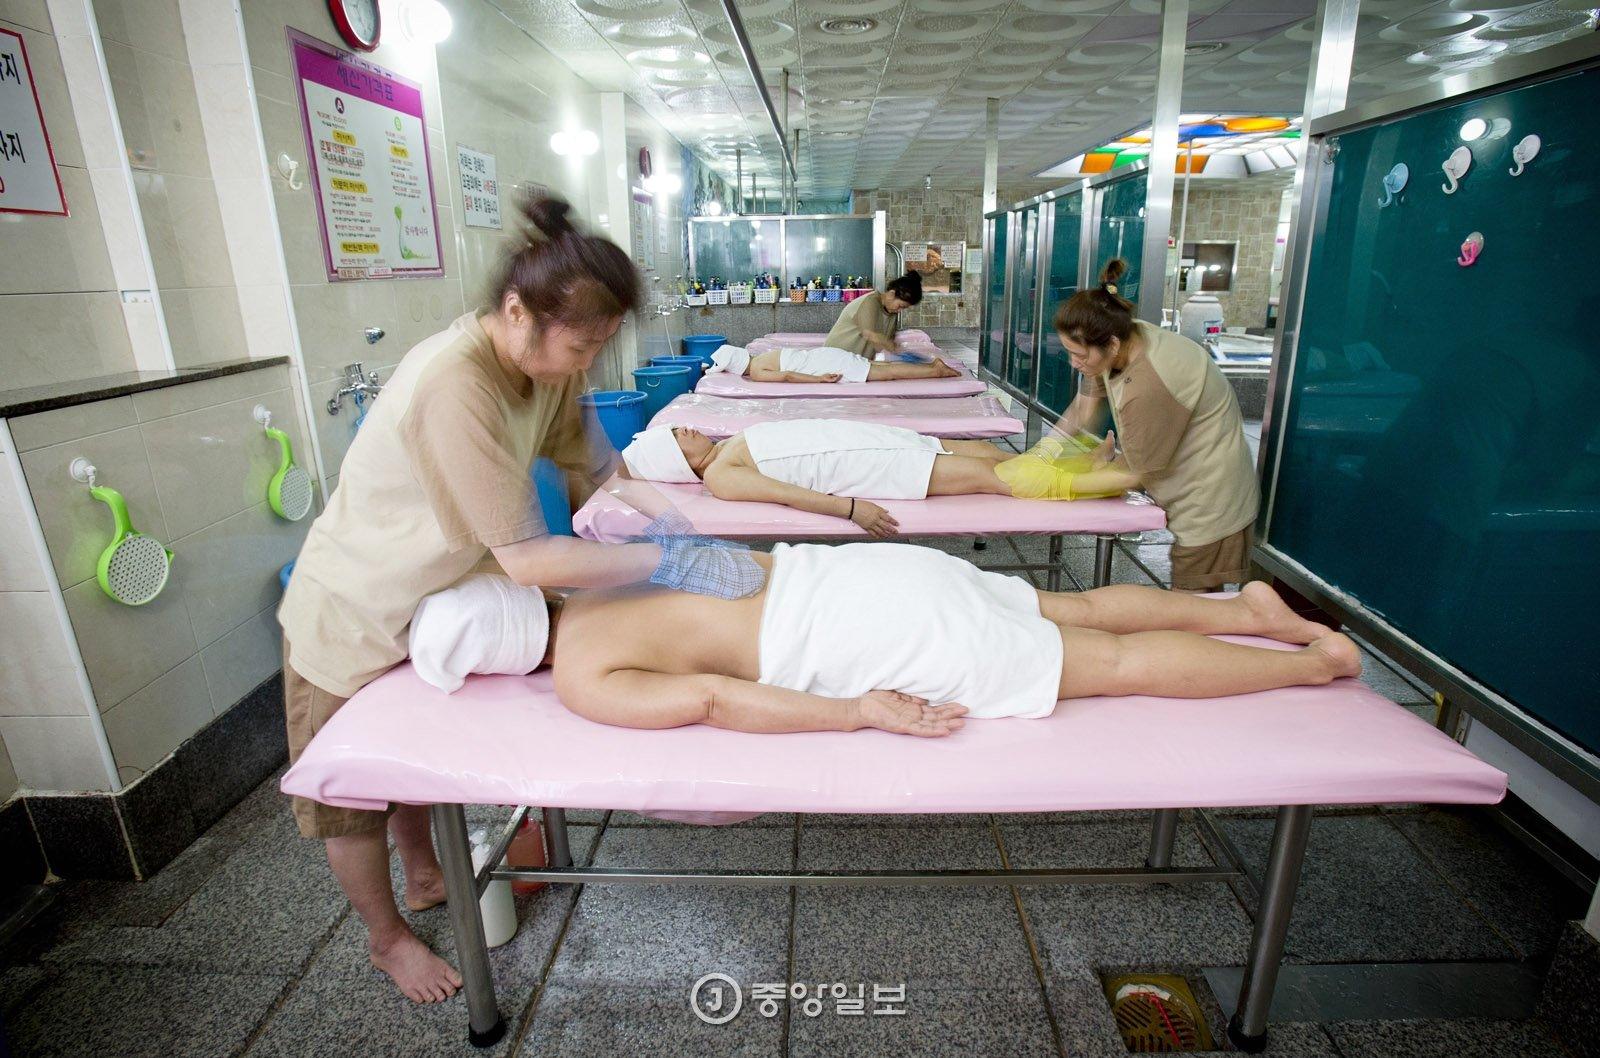 韩国一女搓澡师确诊:有症状仍工作 接触1500多人